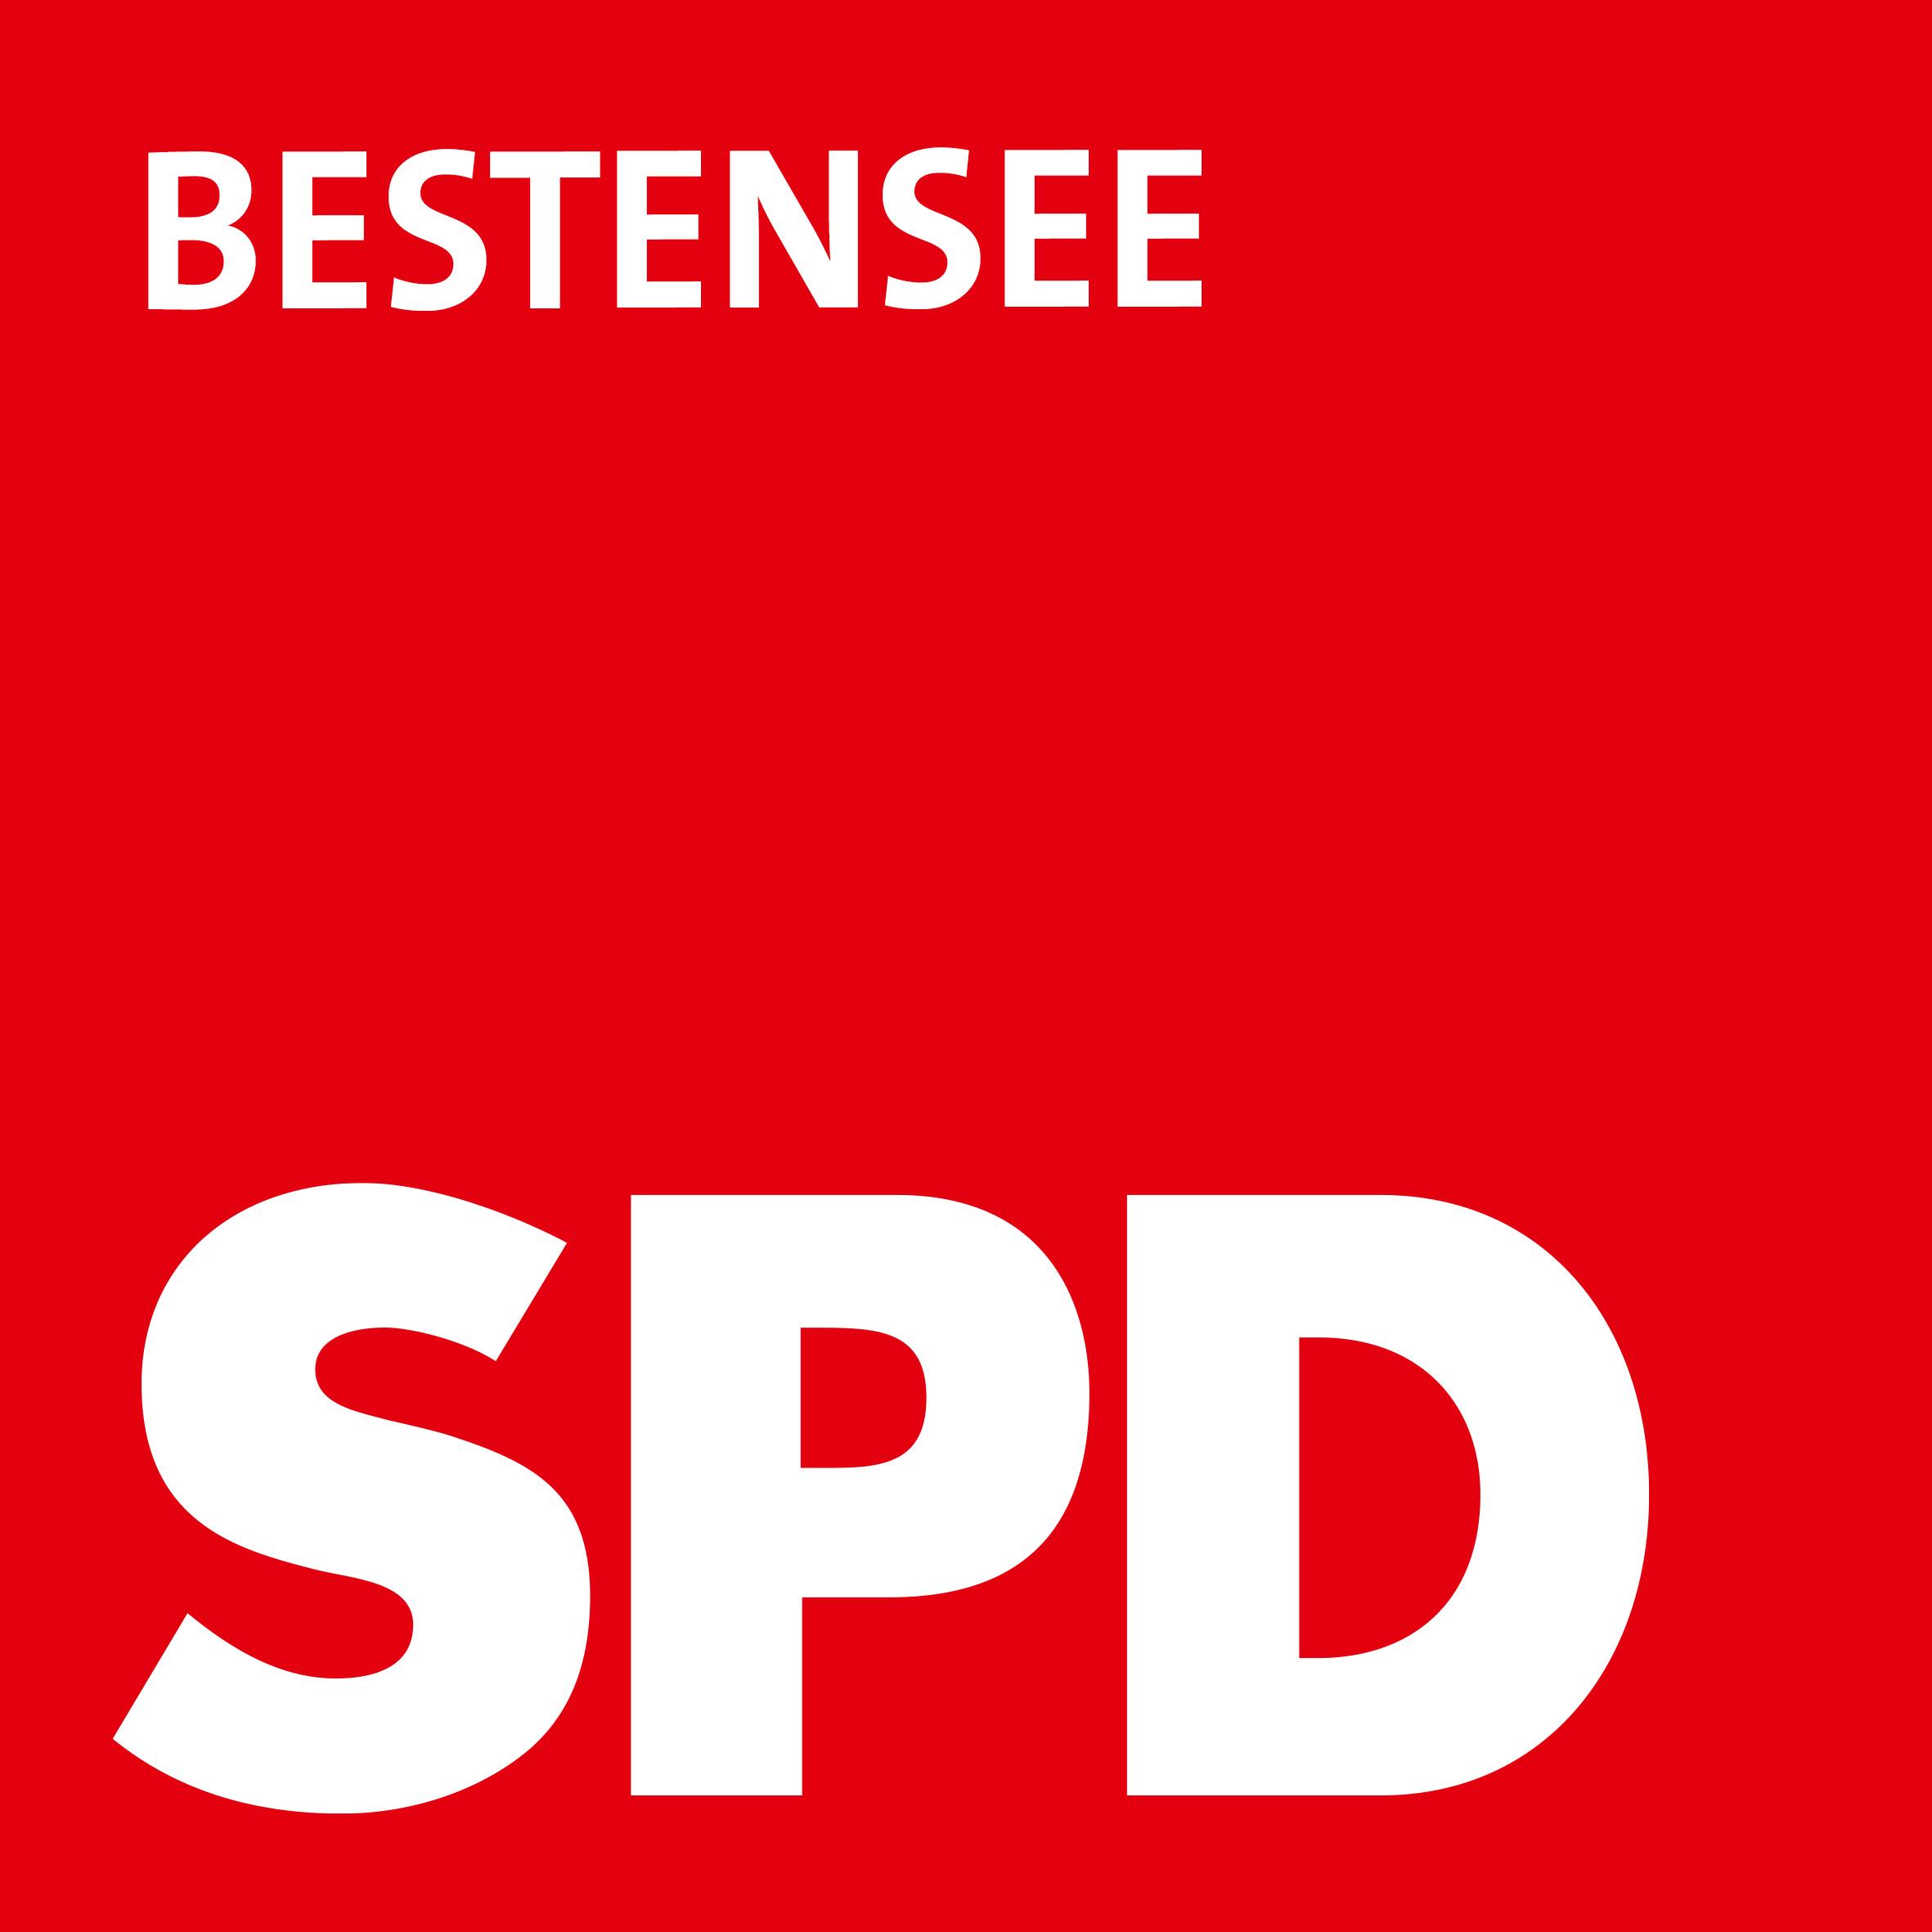 SPD Bestensee